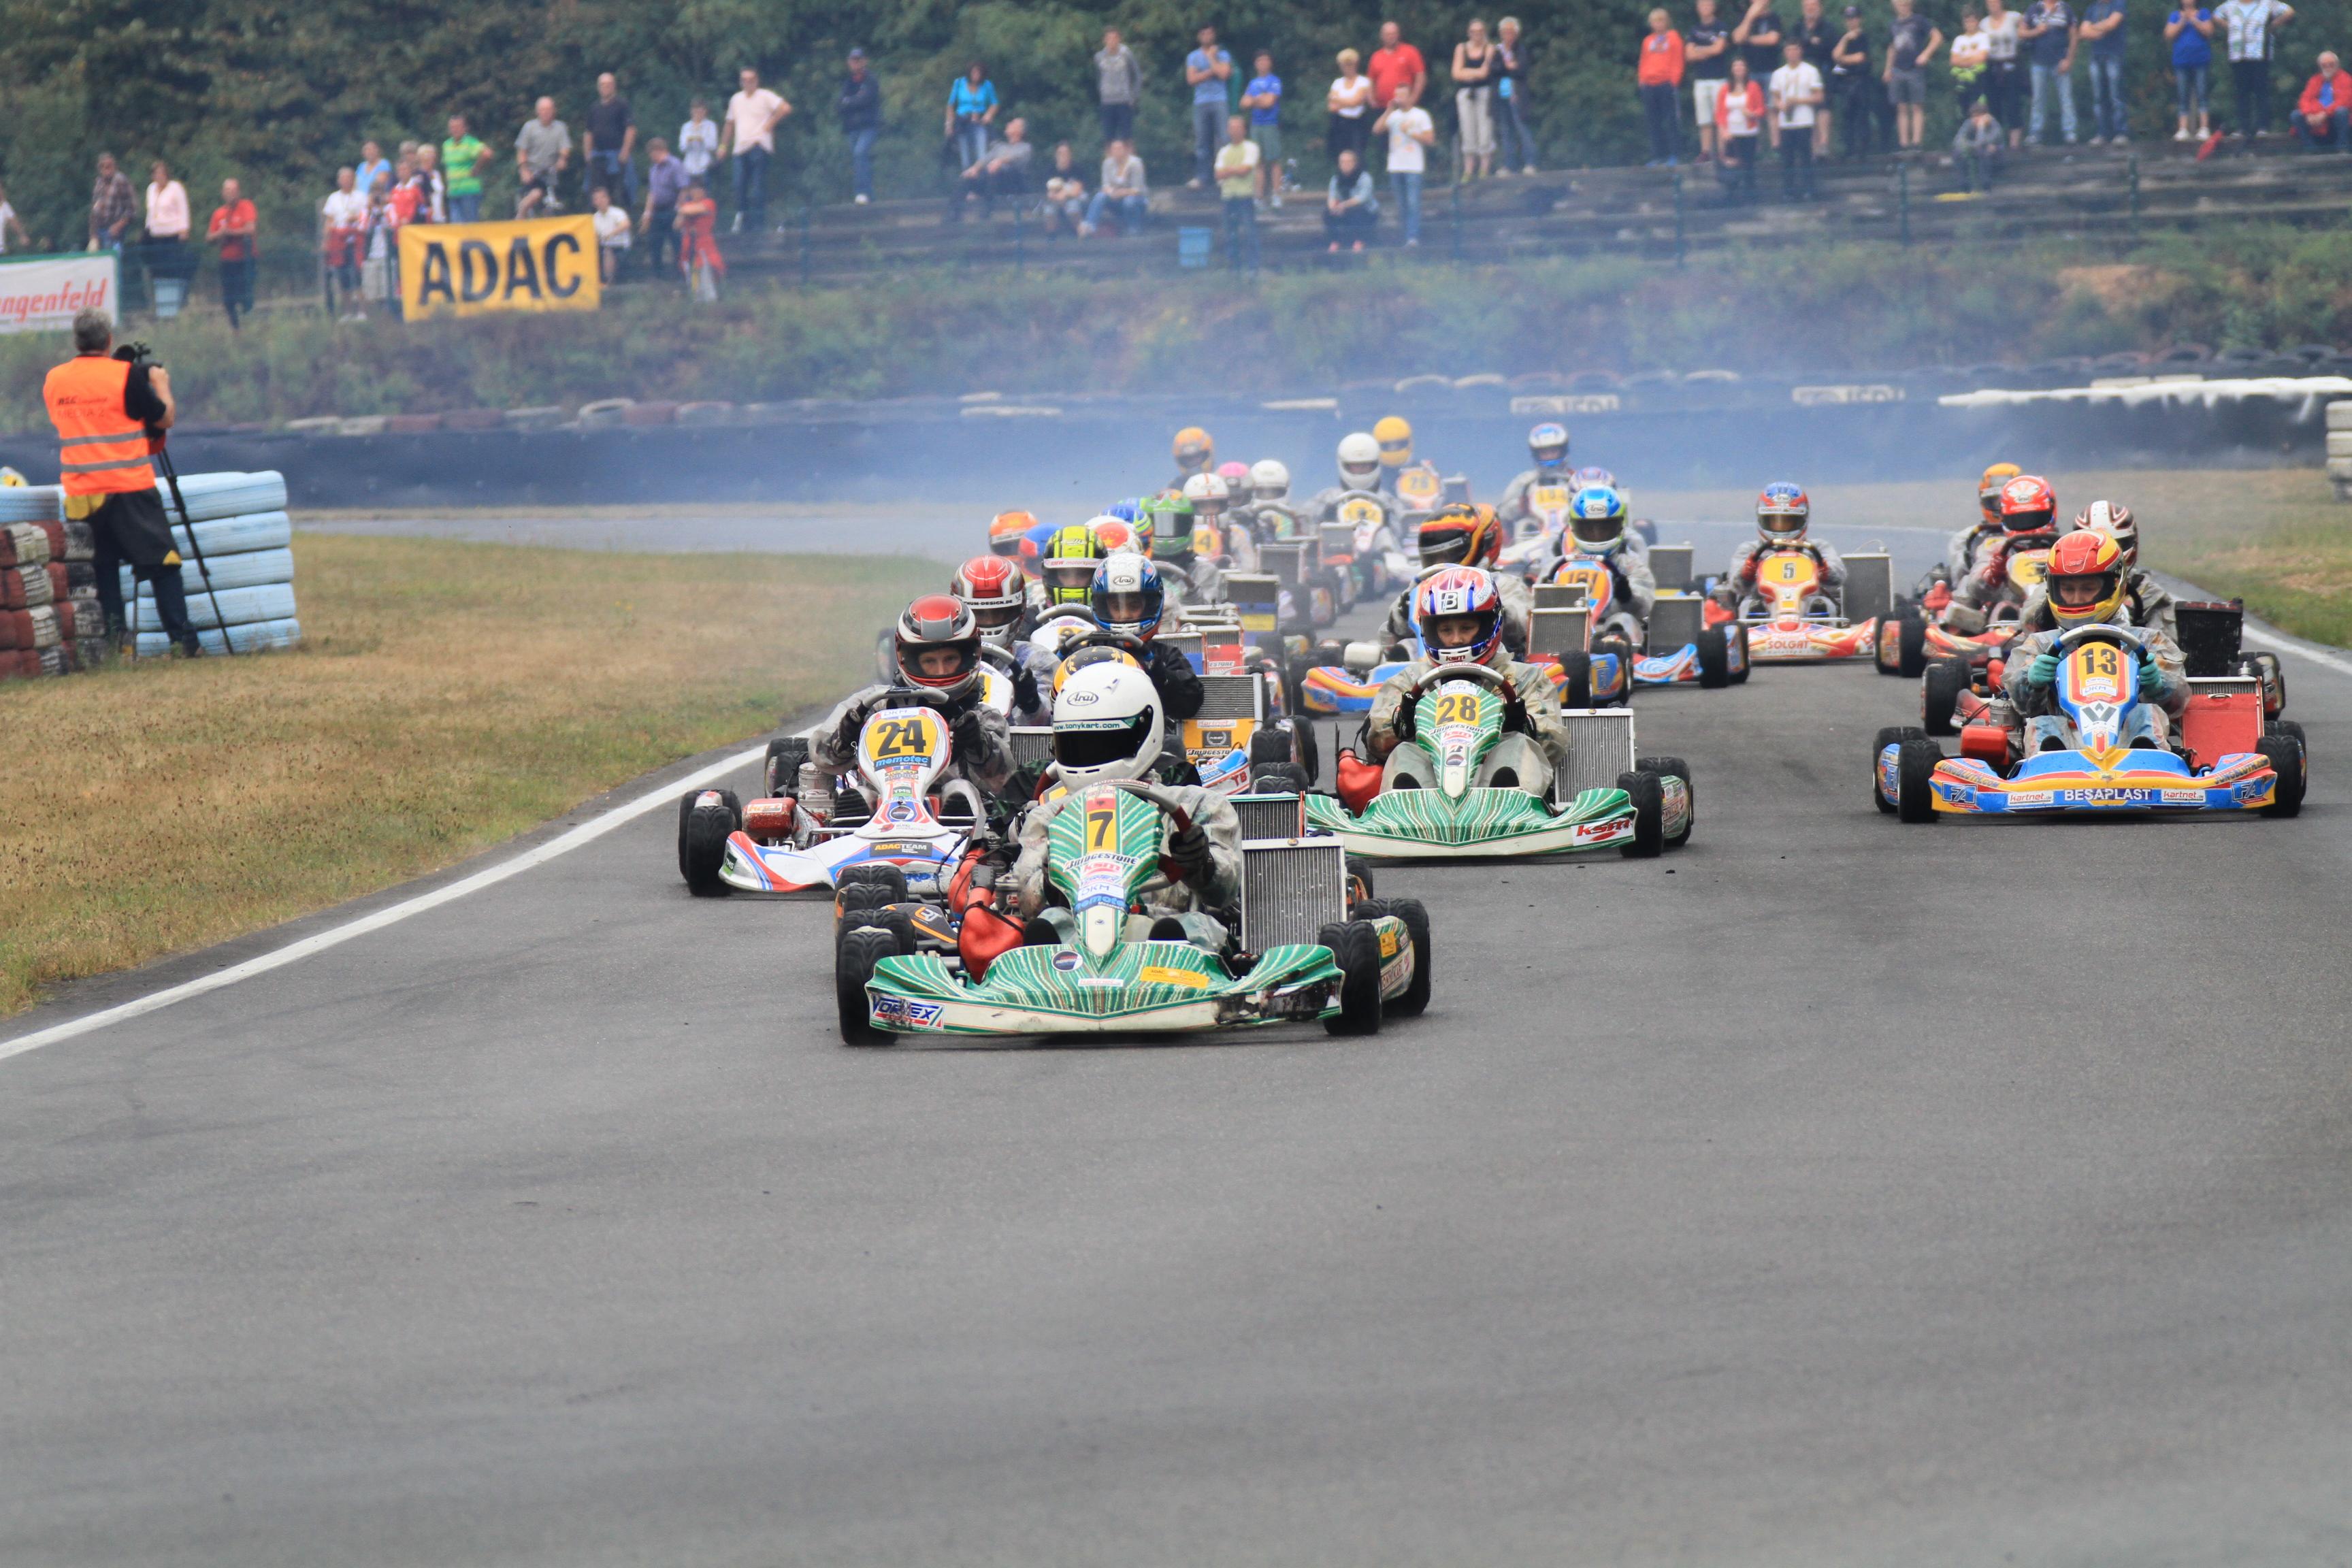 Erste Meisterschaftsentscheidung im ADAC Kart Masters